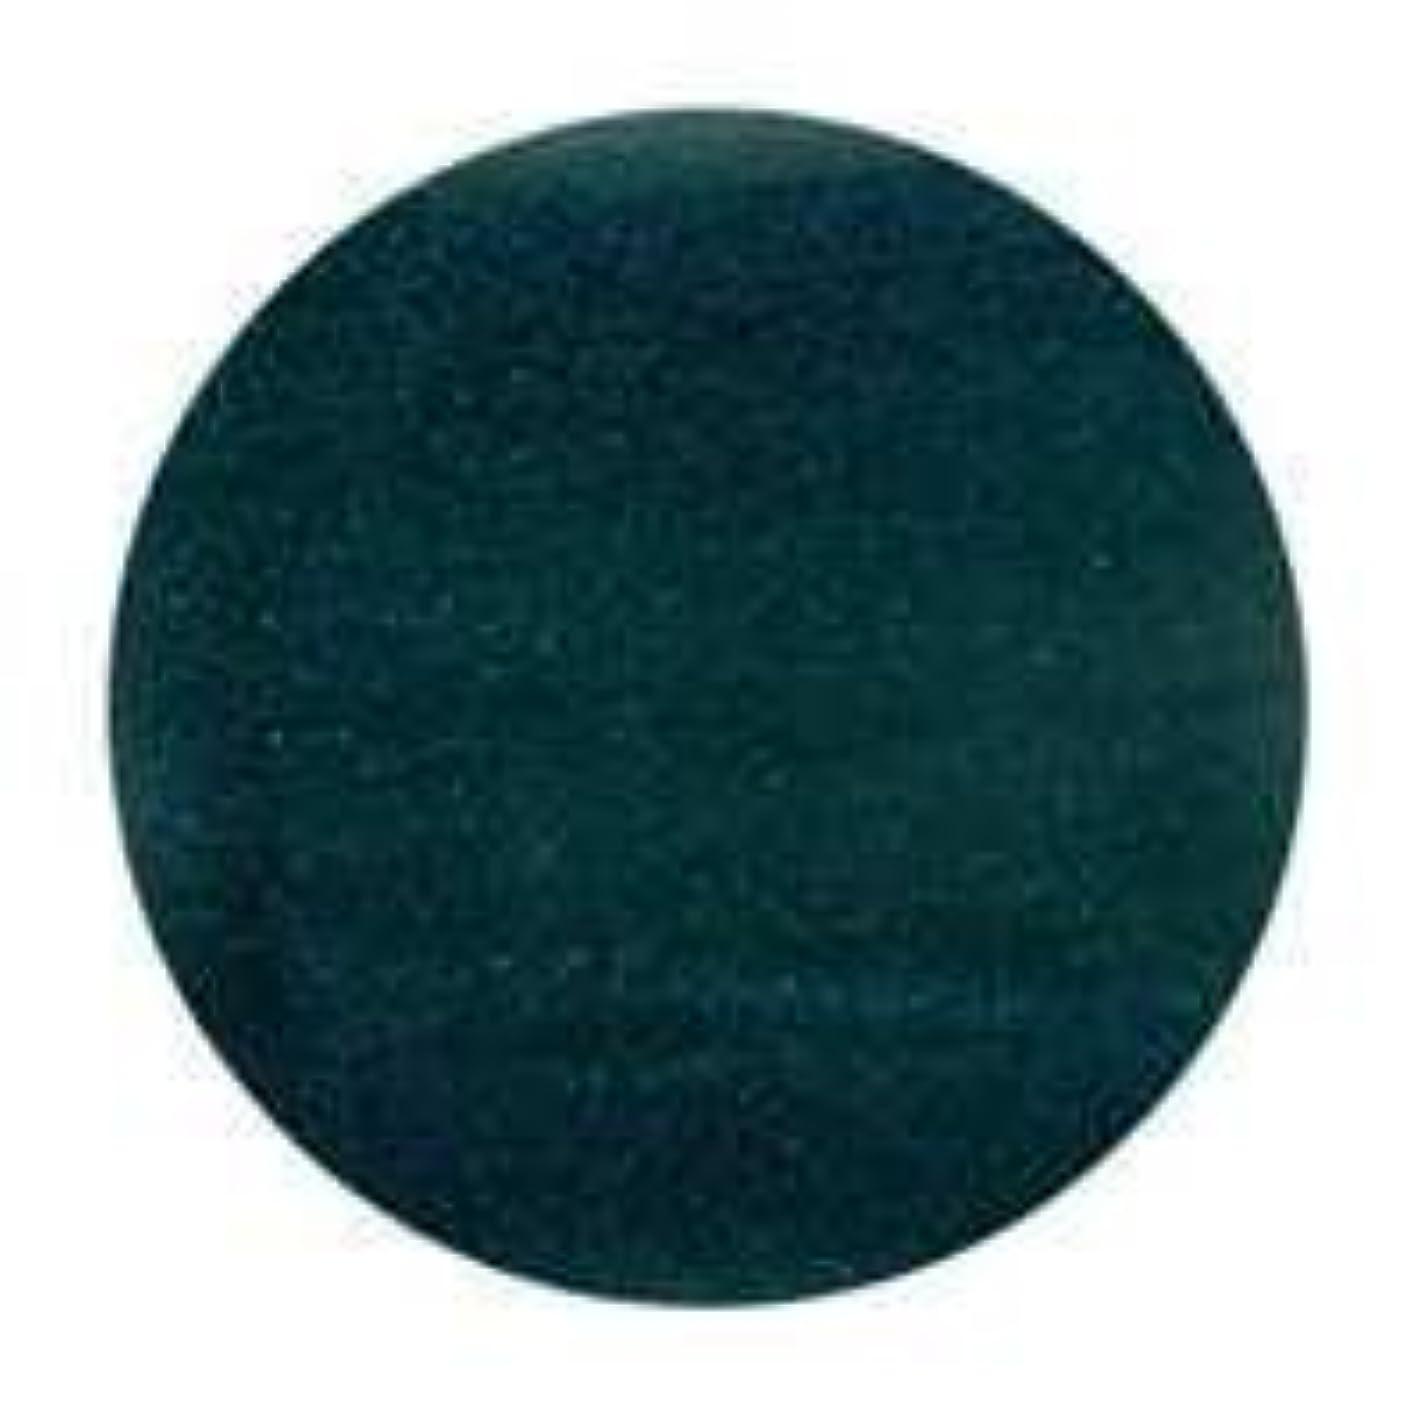 気を散らす浸す差し控えるジェルポリッシュ 7g ボヘミアンブルー